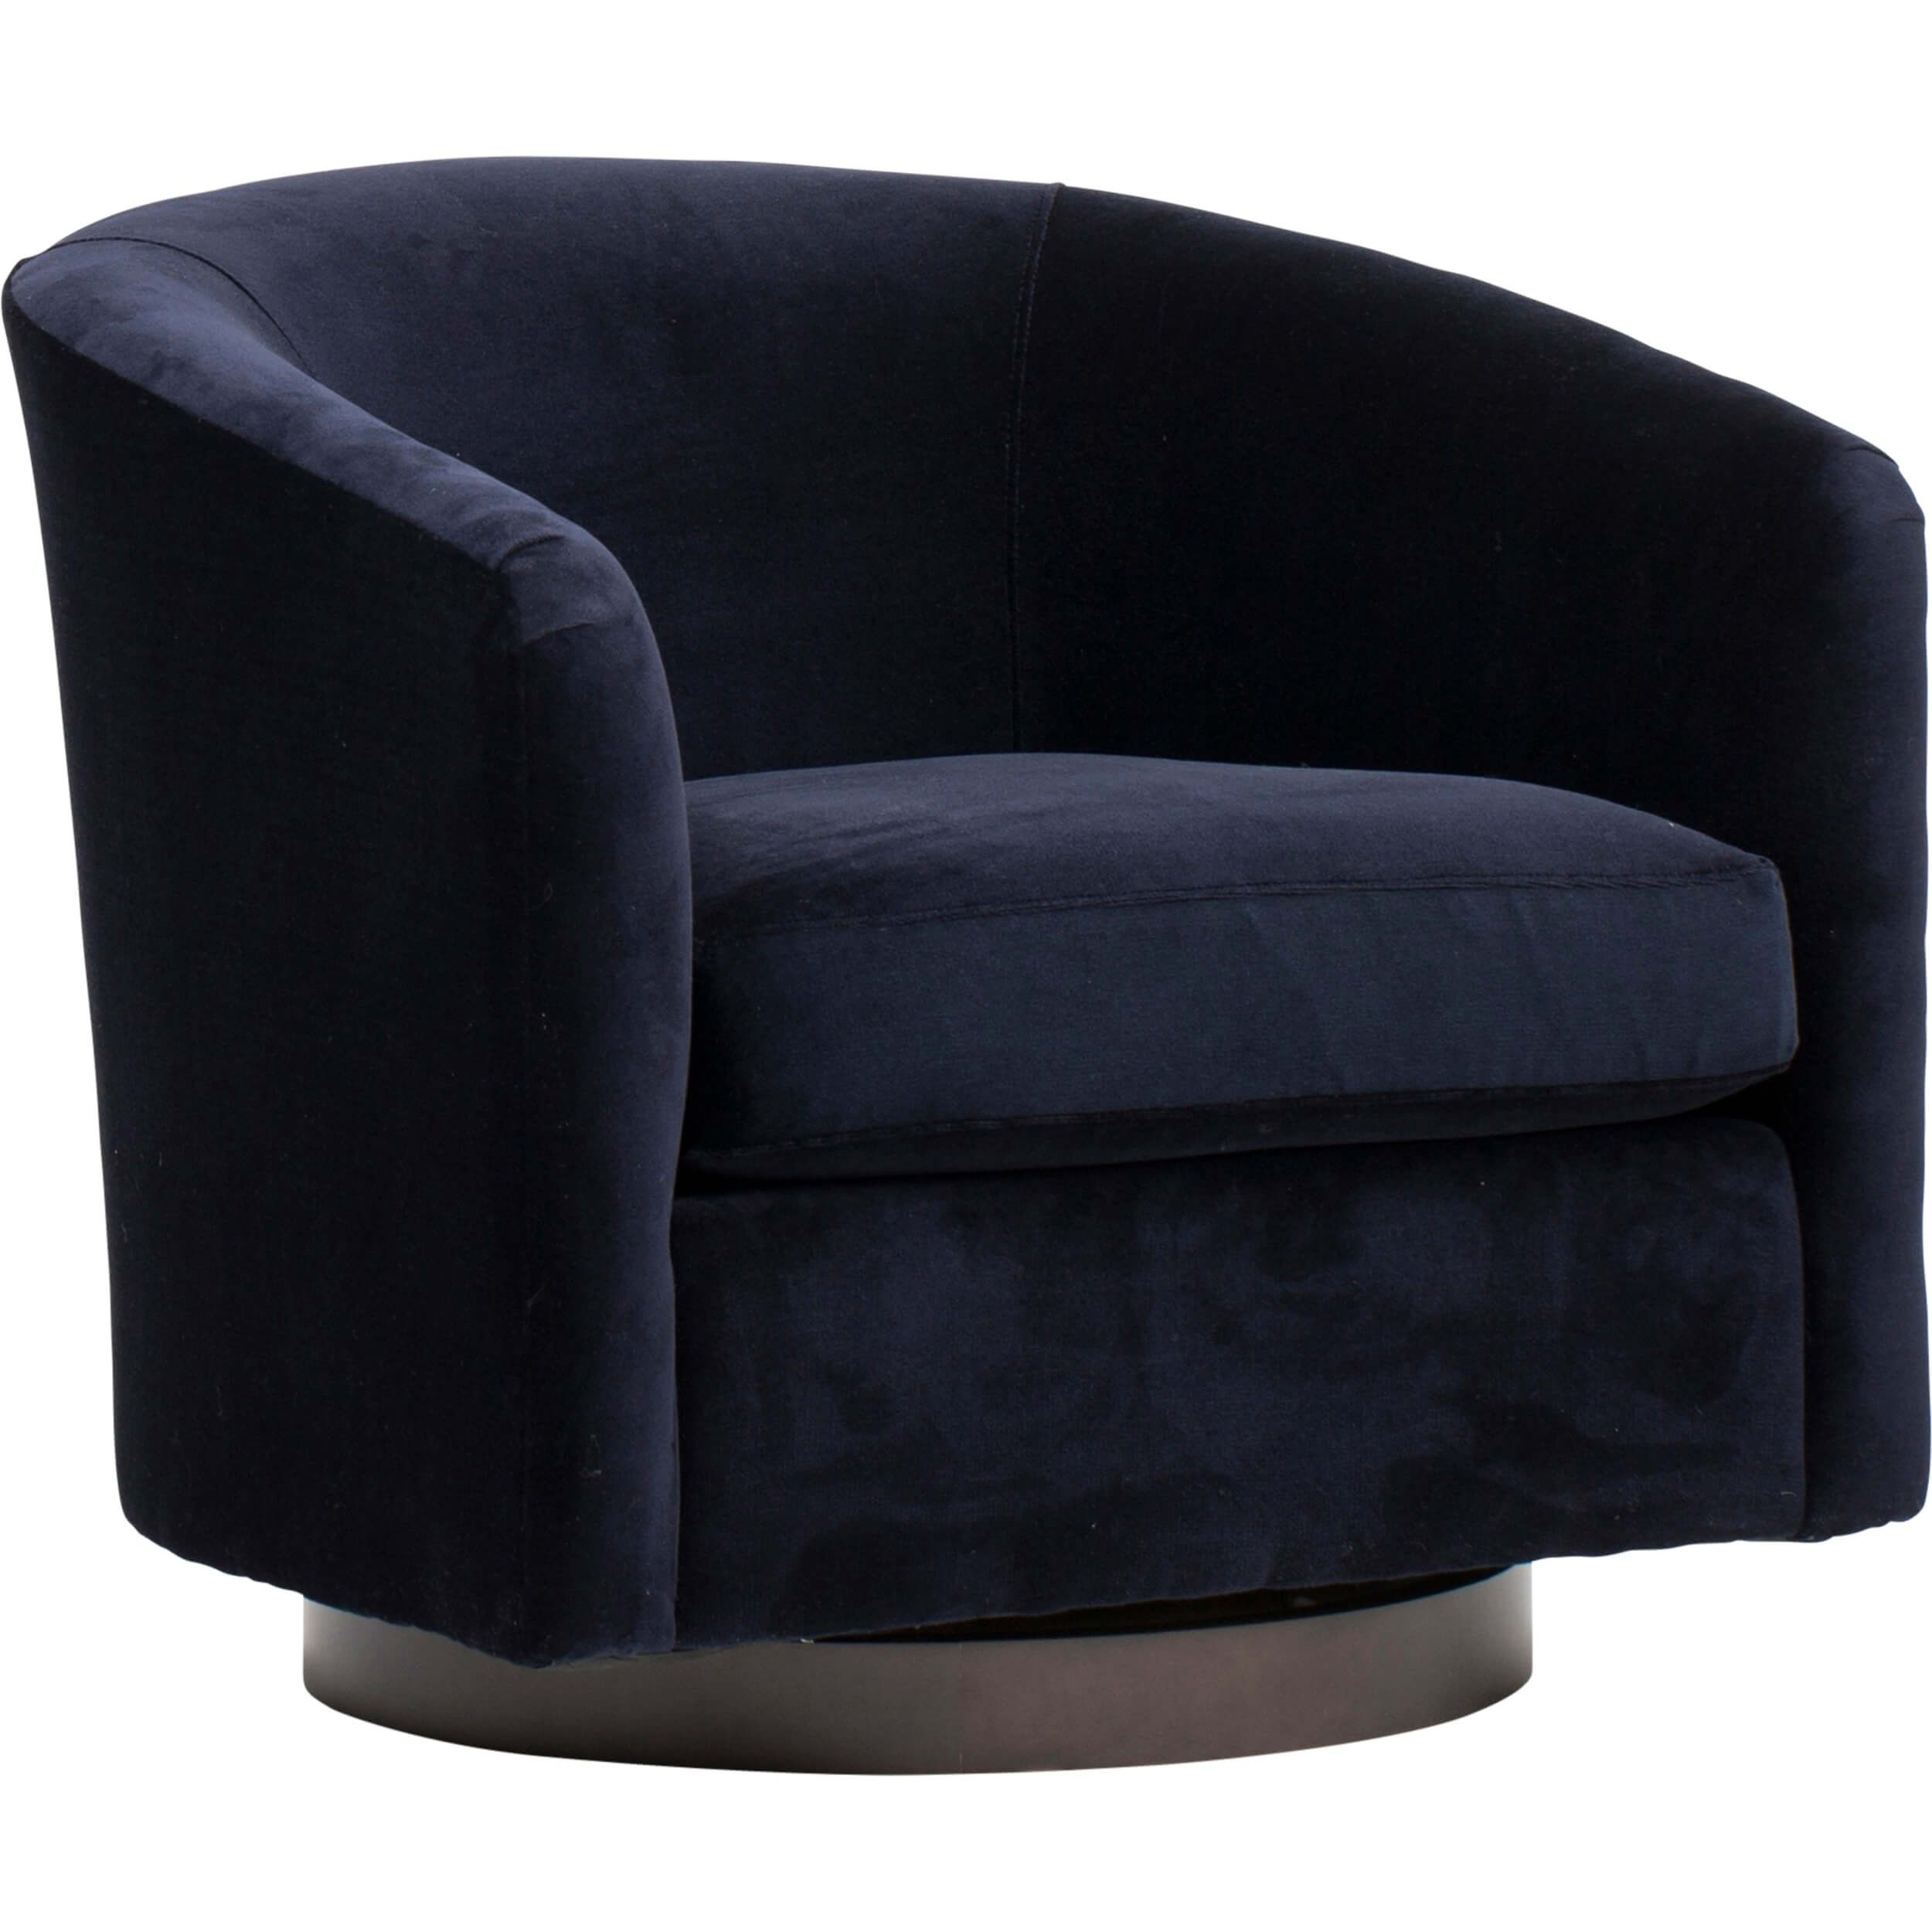 Strange Coltrane Swivel Chair Vernon Navy Chair Chair Eames Short Links Chair Design For Home Short Linksinfo